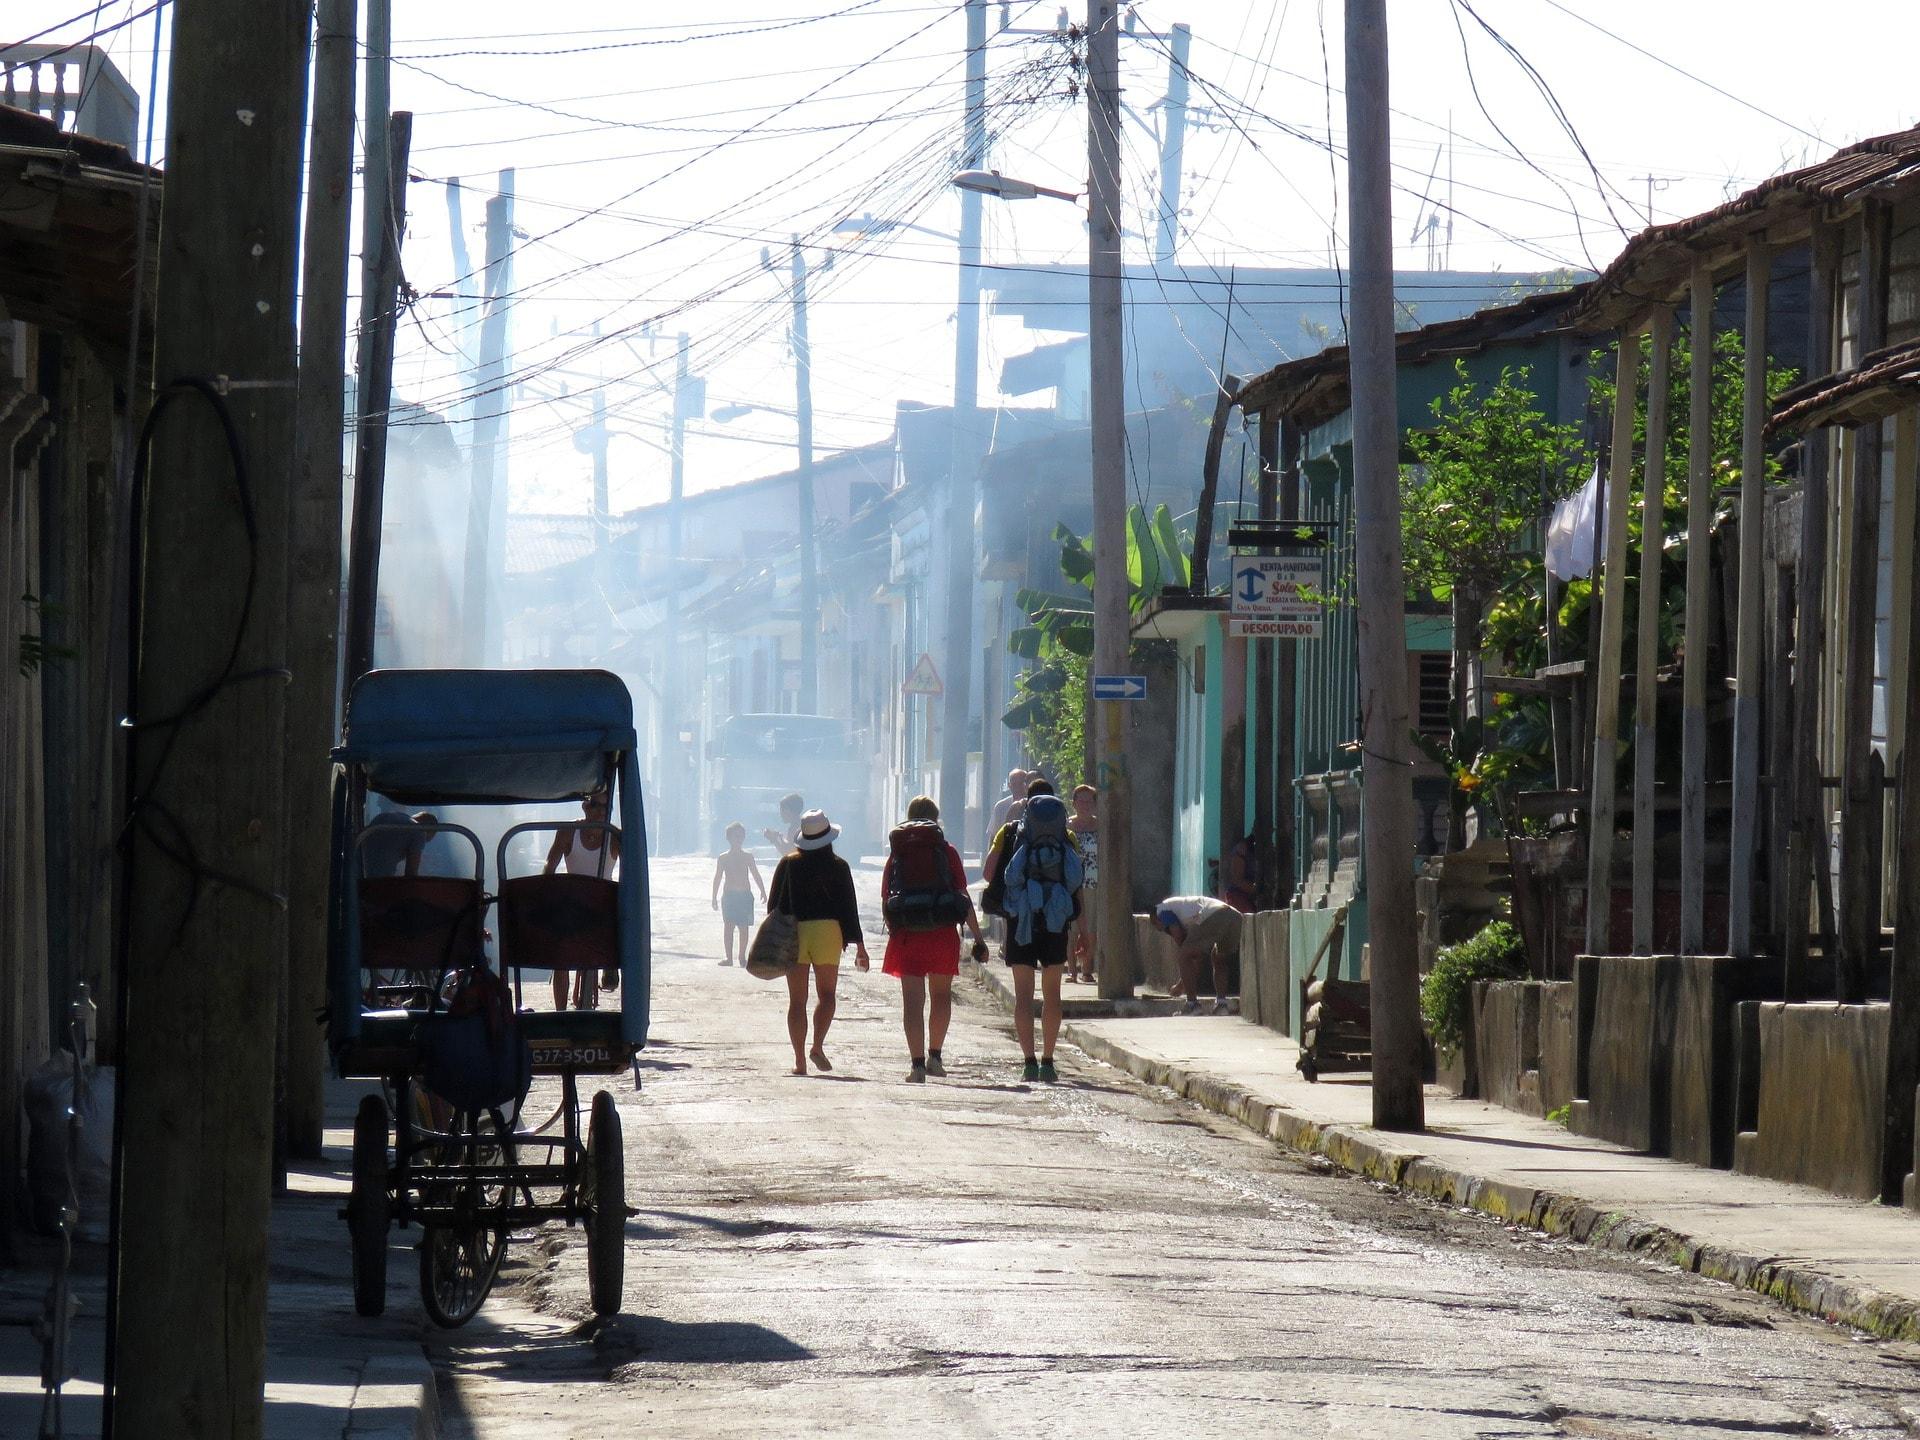 streets in cuba